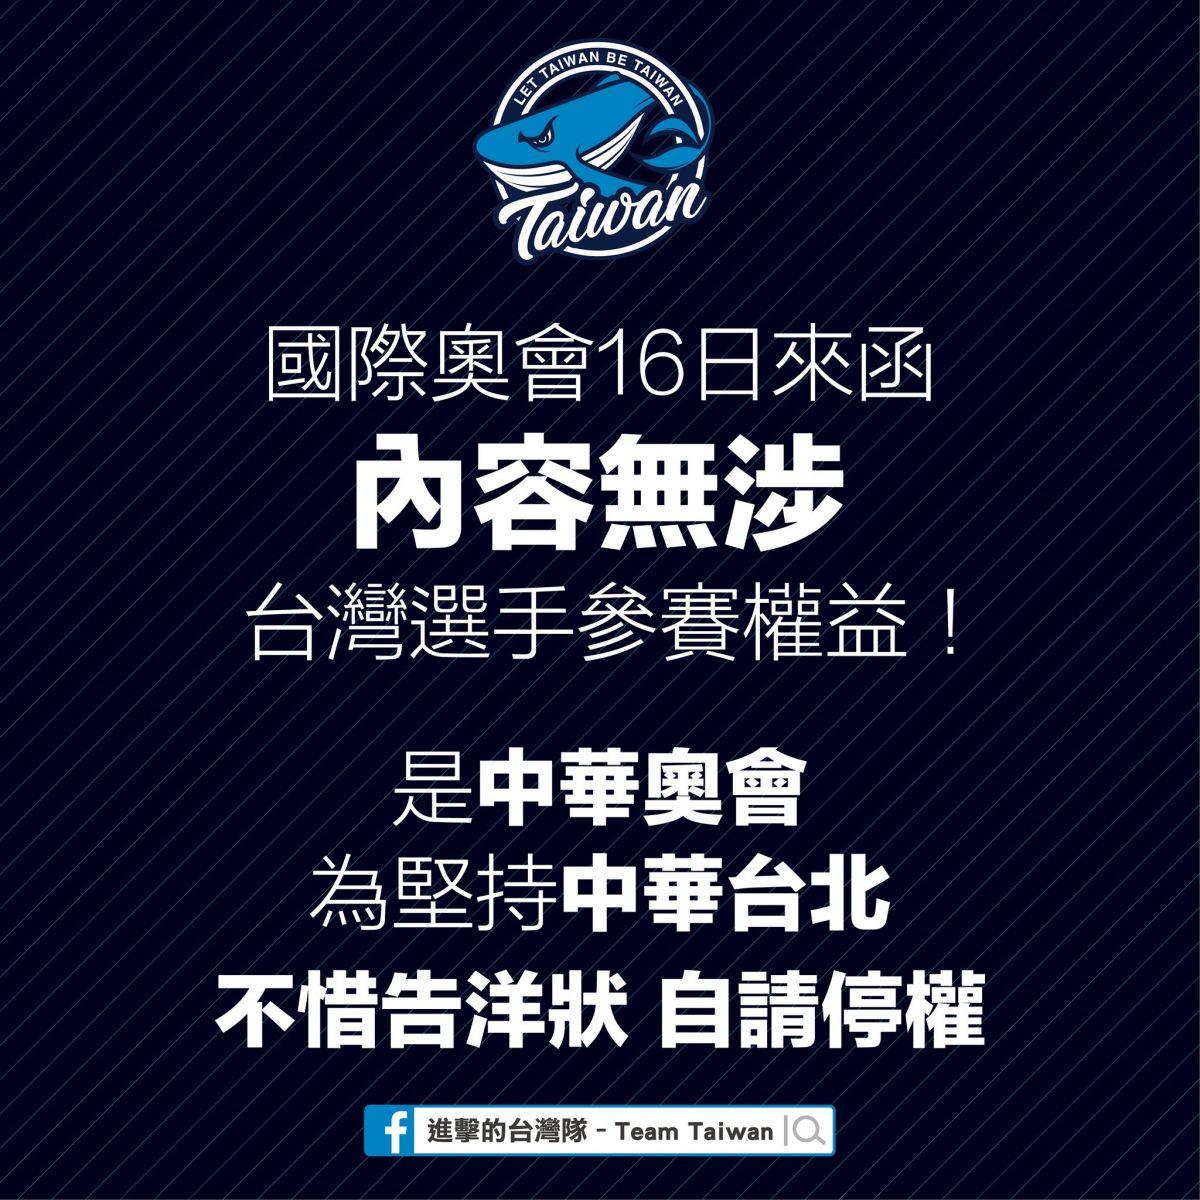 東奧正名公投團隊在臉書強調,東奧正名通過不影響台灣運動選手參賽權益。